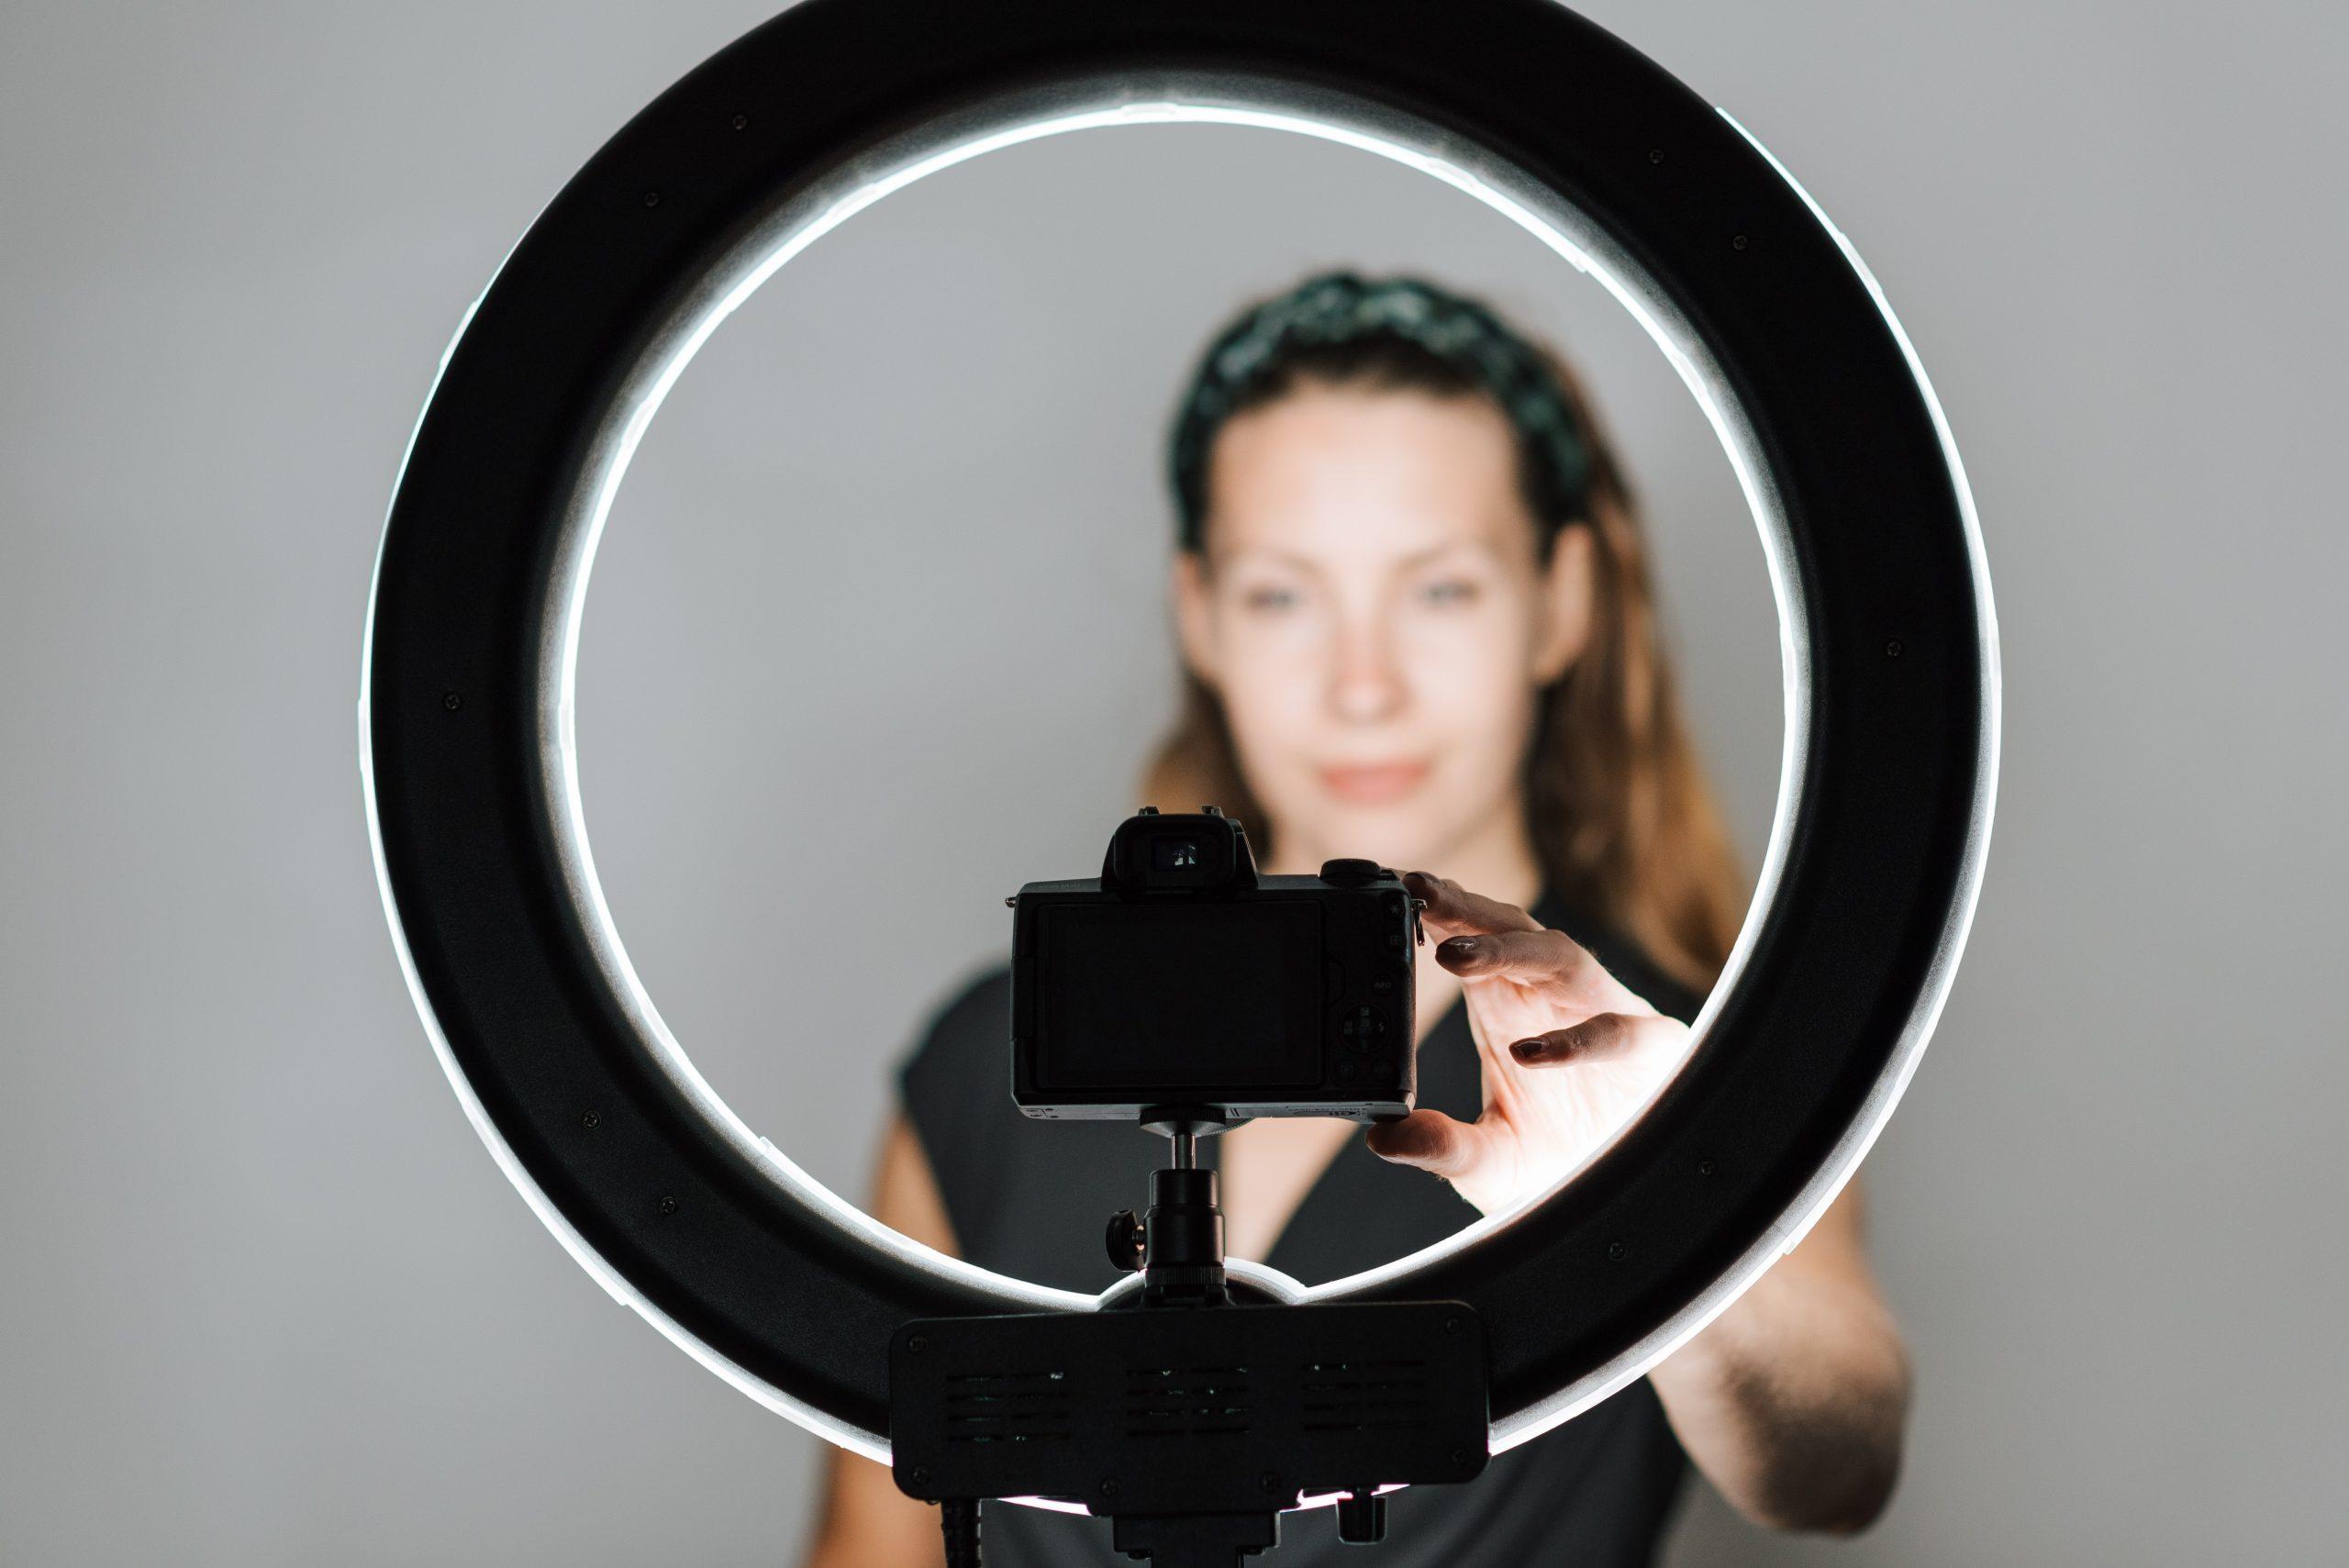 Imagem de uma mulher ajustando a câmera em um tripé com ring light.